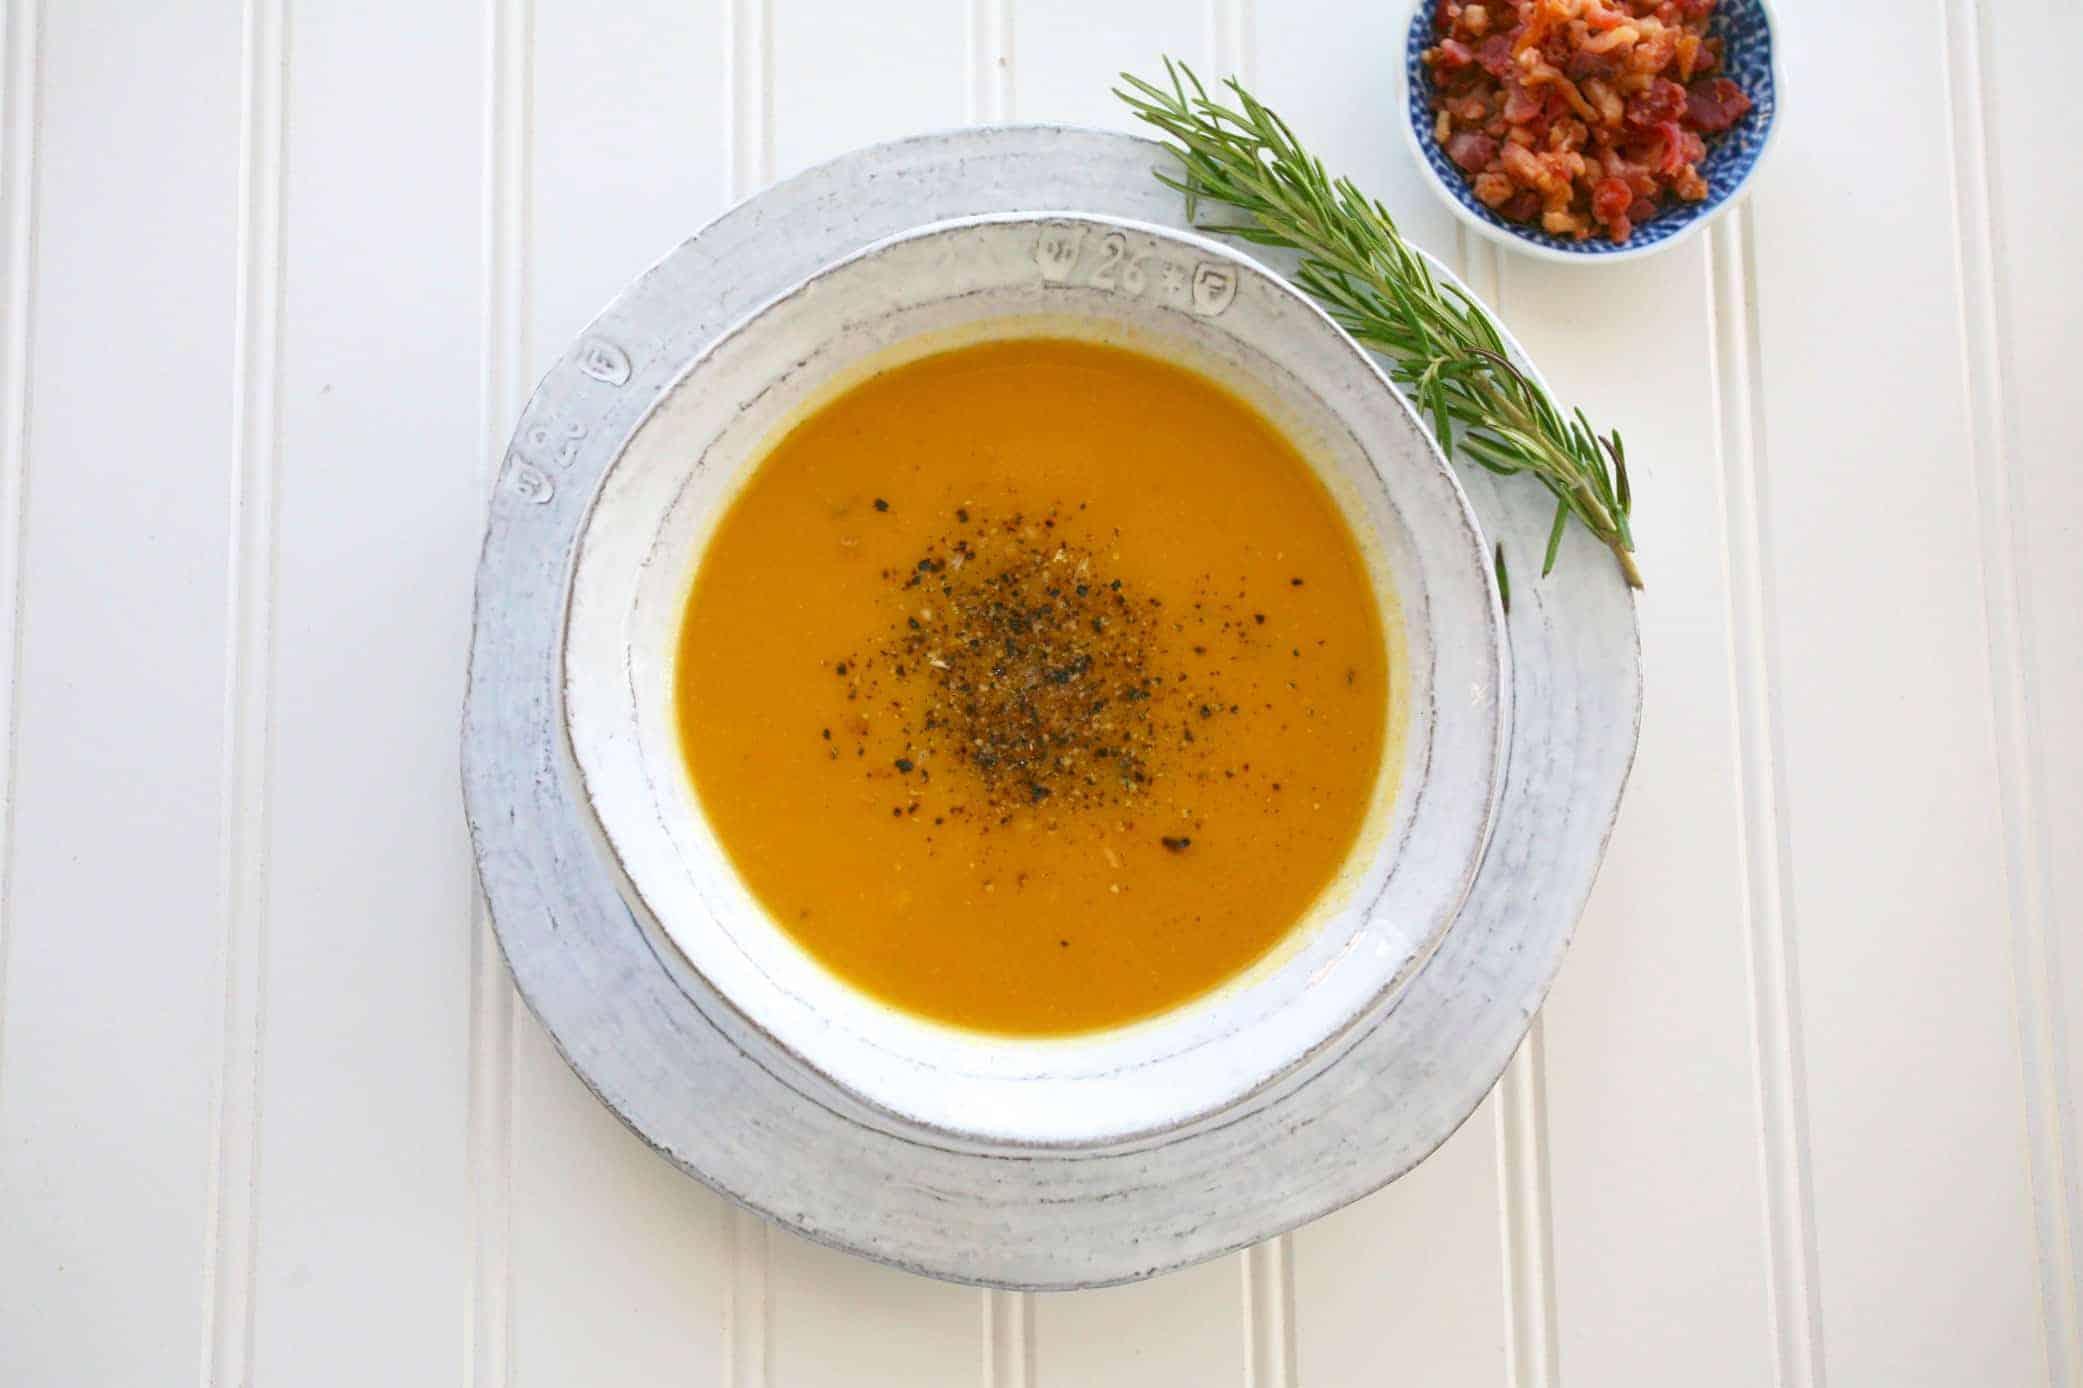 培根蔬菜奶油濃湯 Bacon Veggie Creamy Soup(壓力鍋、電鍋)